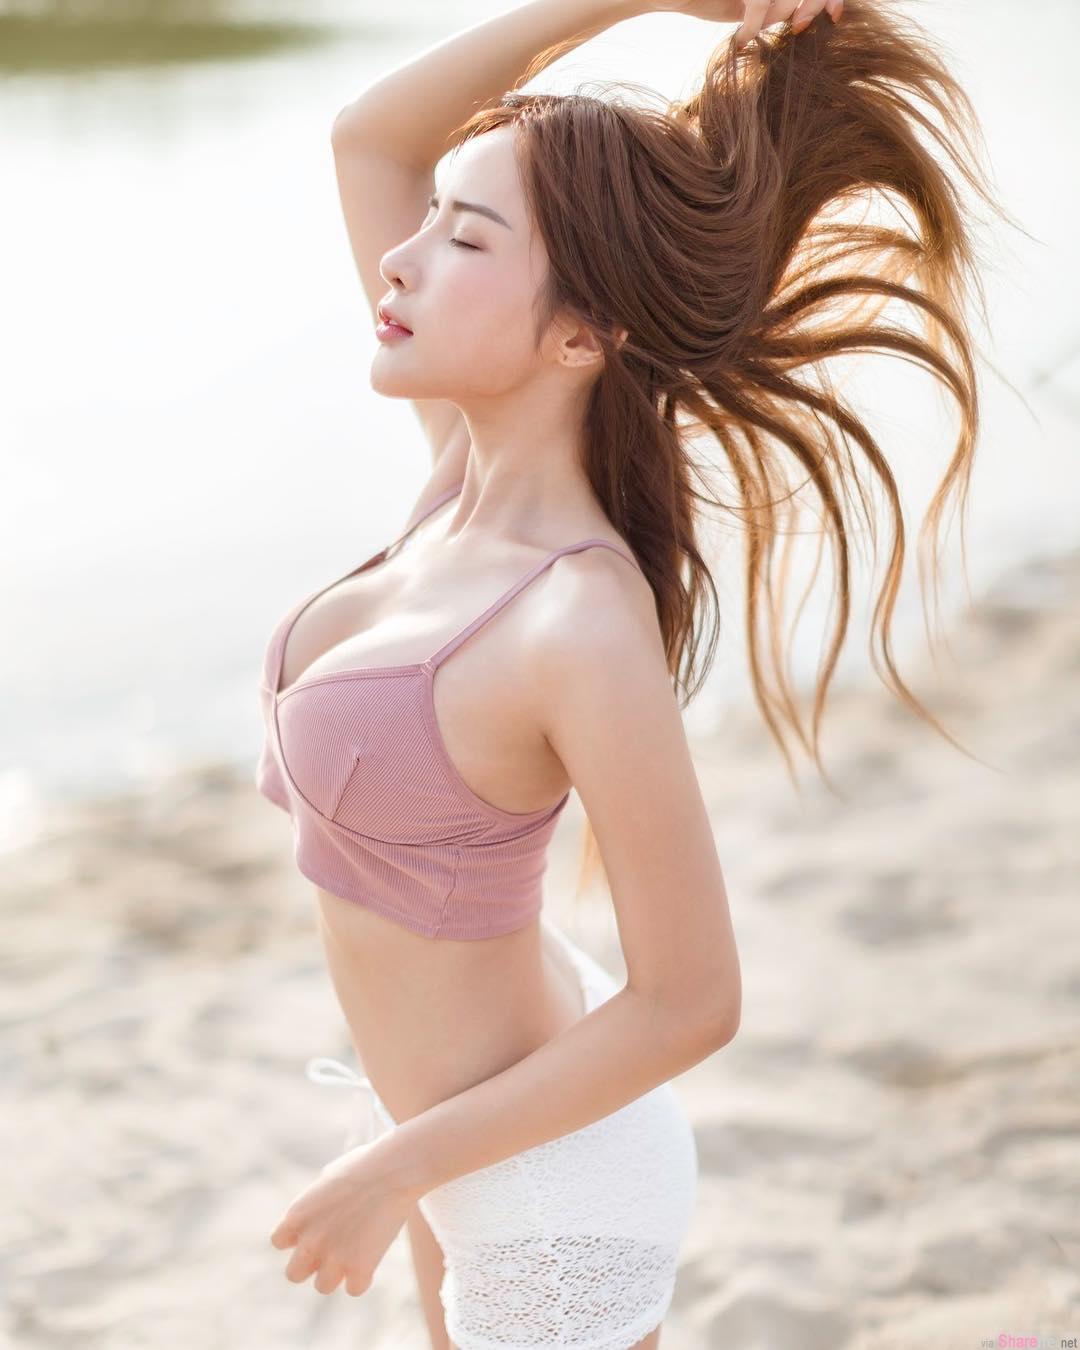 泰国正妹Thanyarat Charoenpornkittada,比基尼大秀完美S曲线